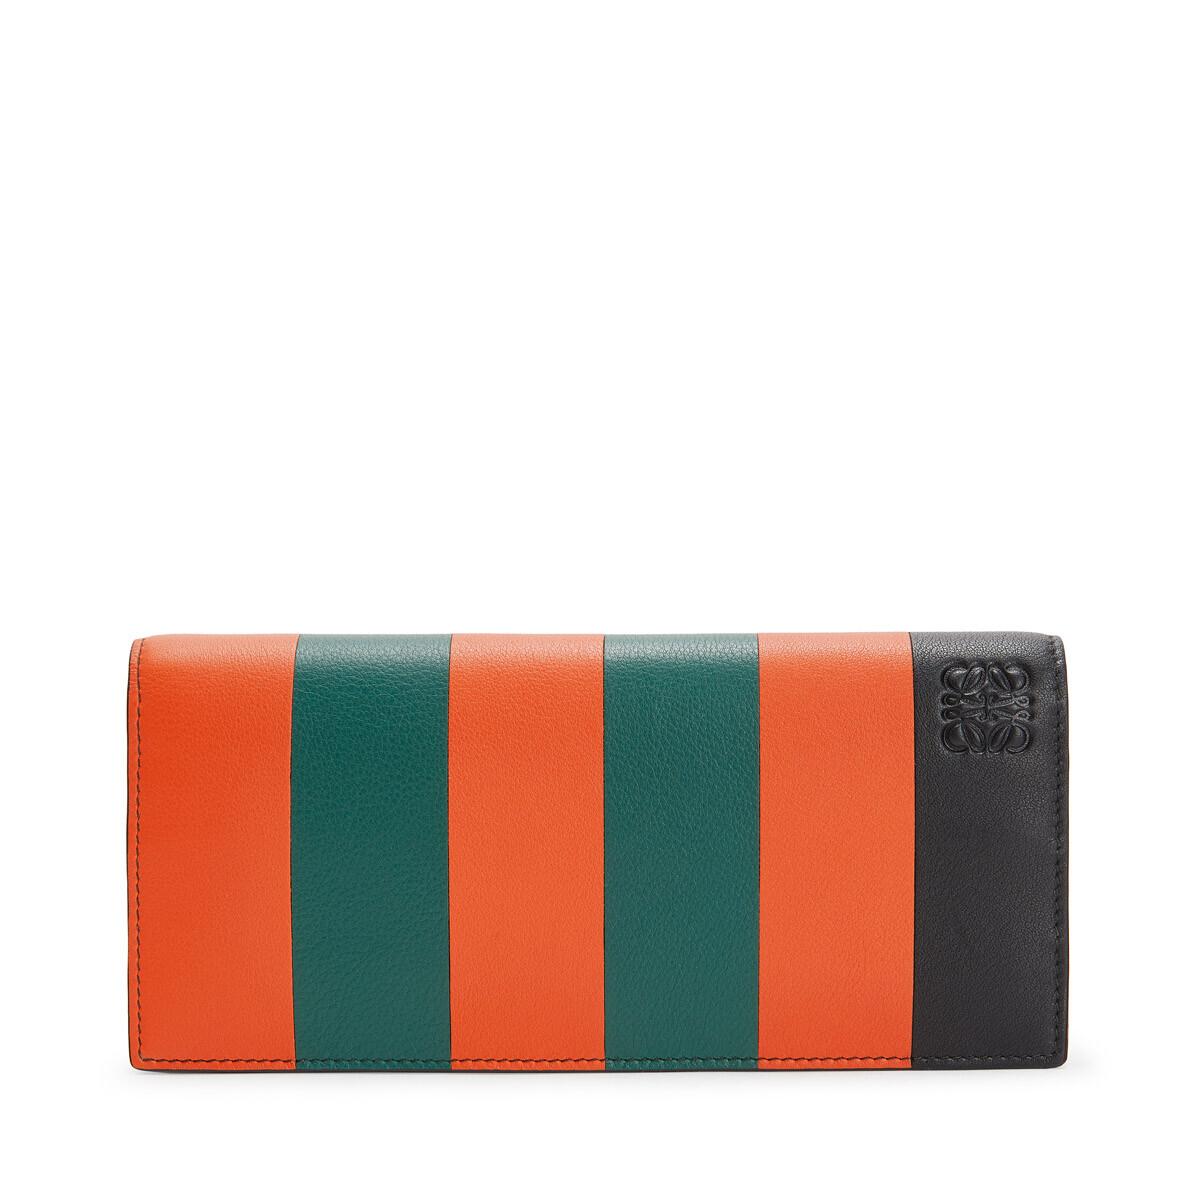 LOEWE Cartera Horizontal Stripes Naranja/Verde front